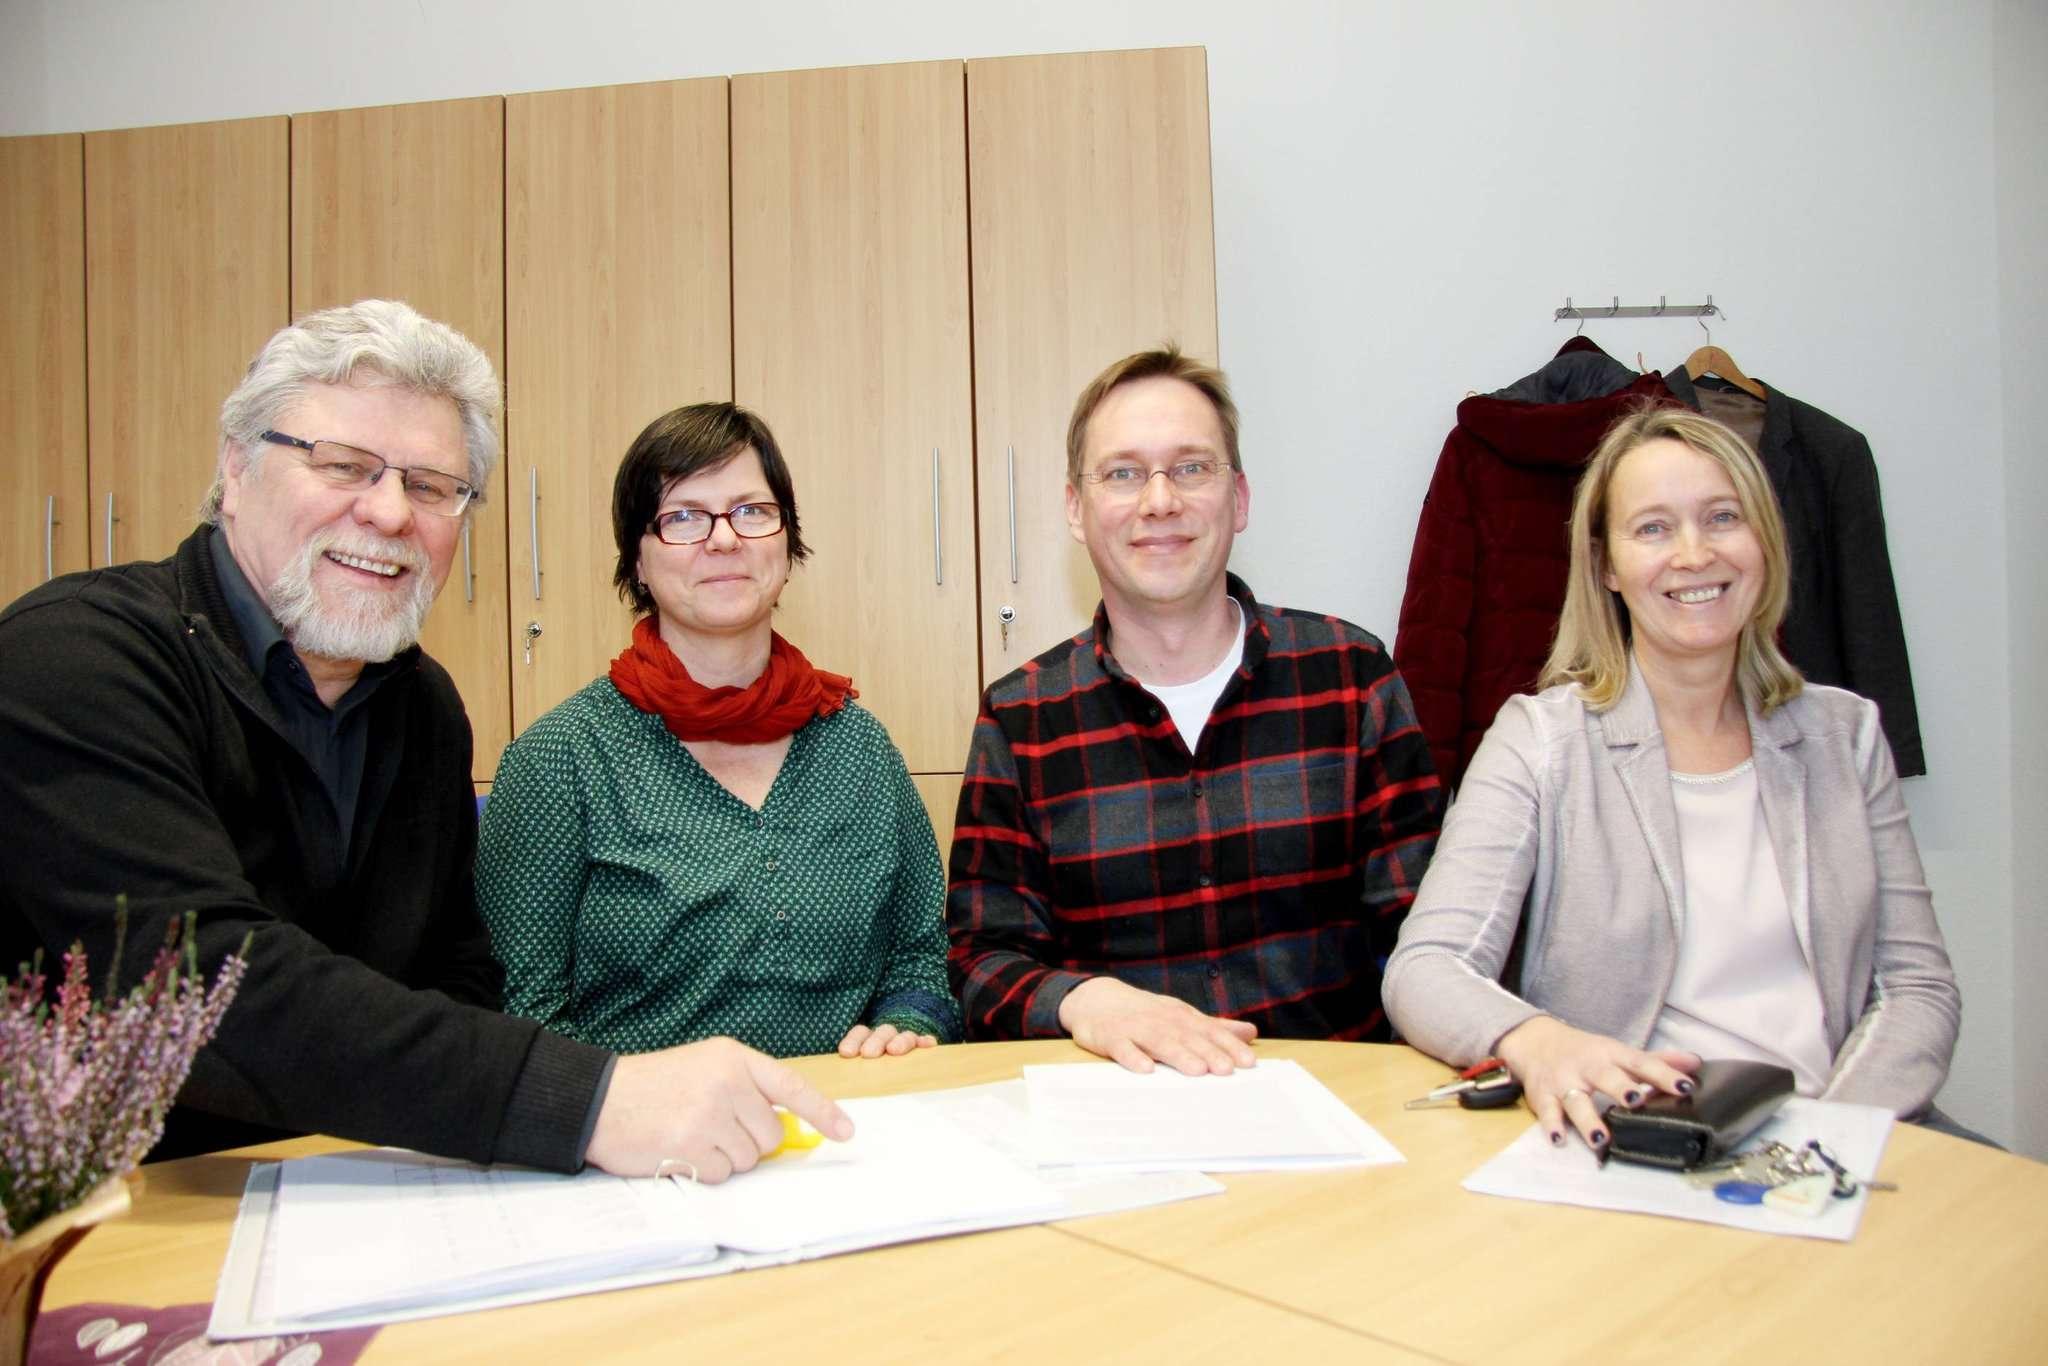 Gerard-Otto Dyck (von links), Astrid Enger, Martin Pape und Sonja Bartels von der Oberschule Visselhövede setzen sich mit Härtefalleingaben für den Verbleib einer serbischen Großfamilie ein. Foto: Nina Baucke